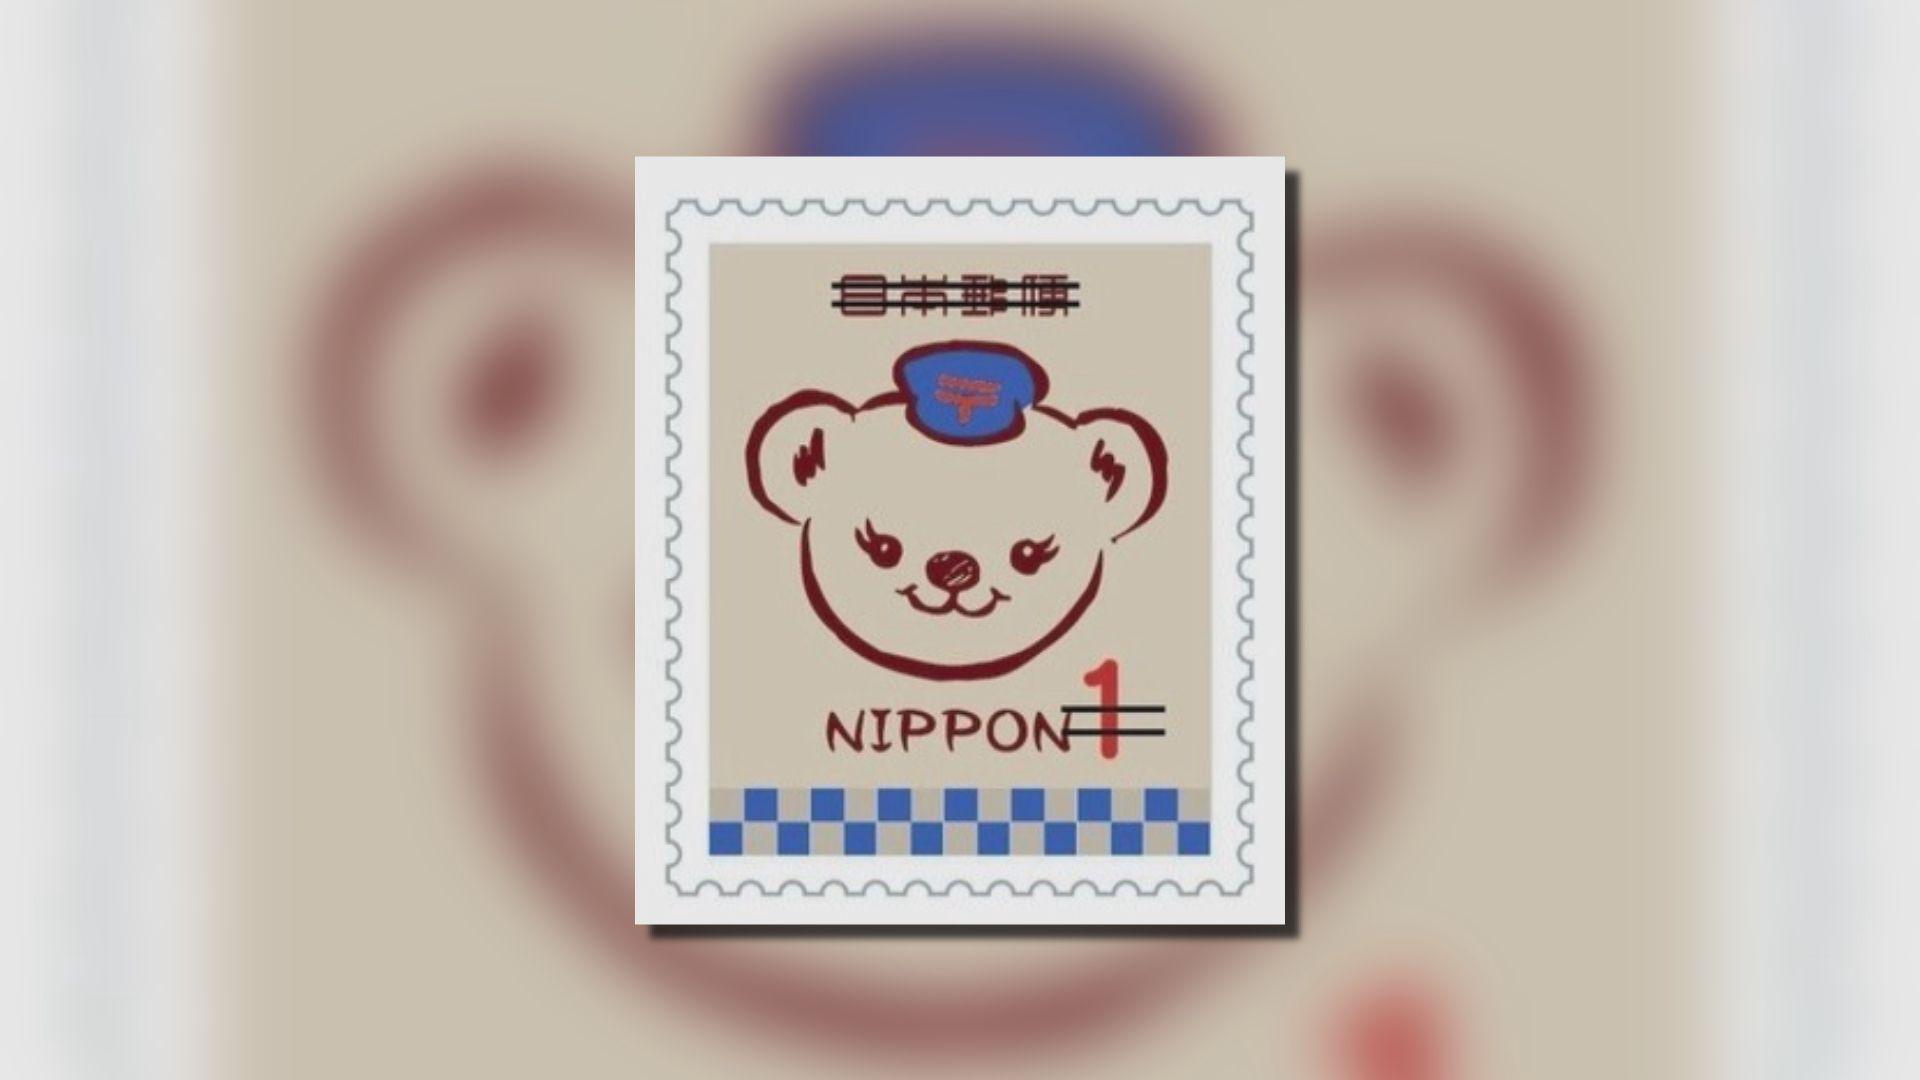 【環球薈報】被嫌不夠可愛1日圓郵票相隔七十年推新款